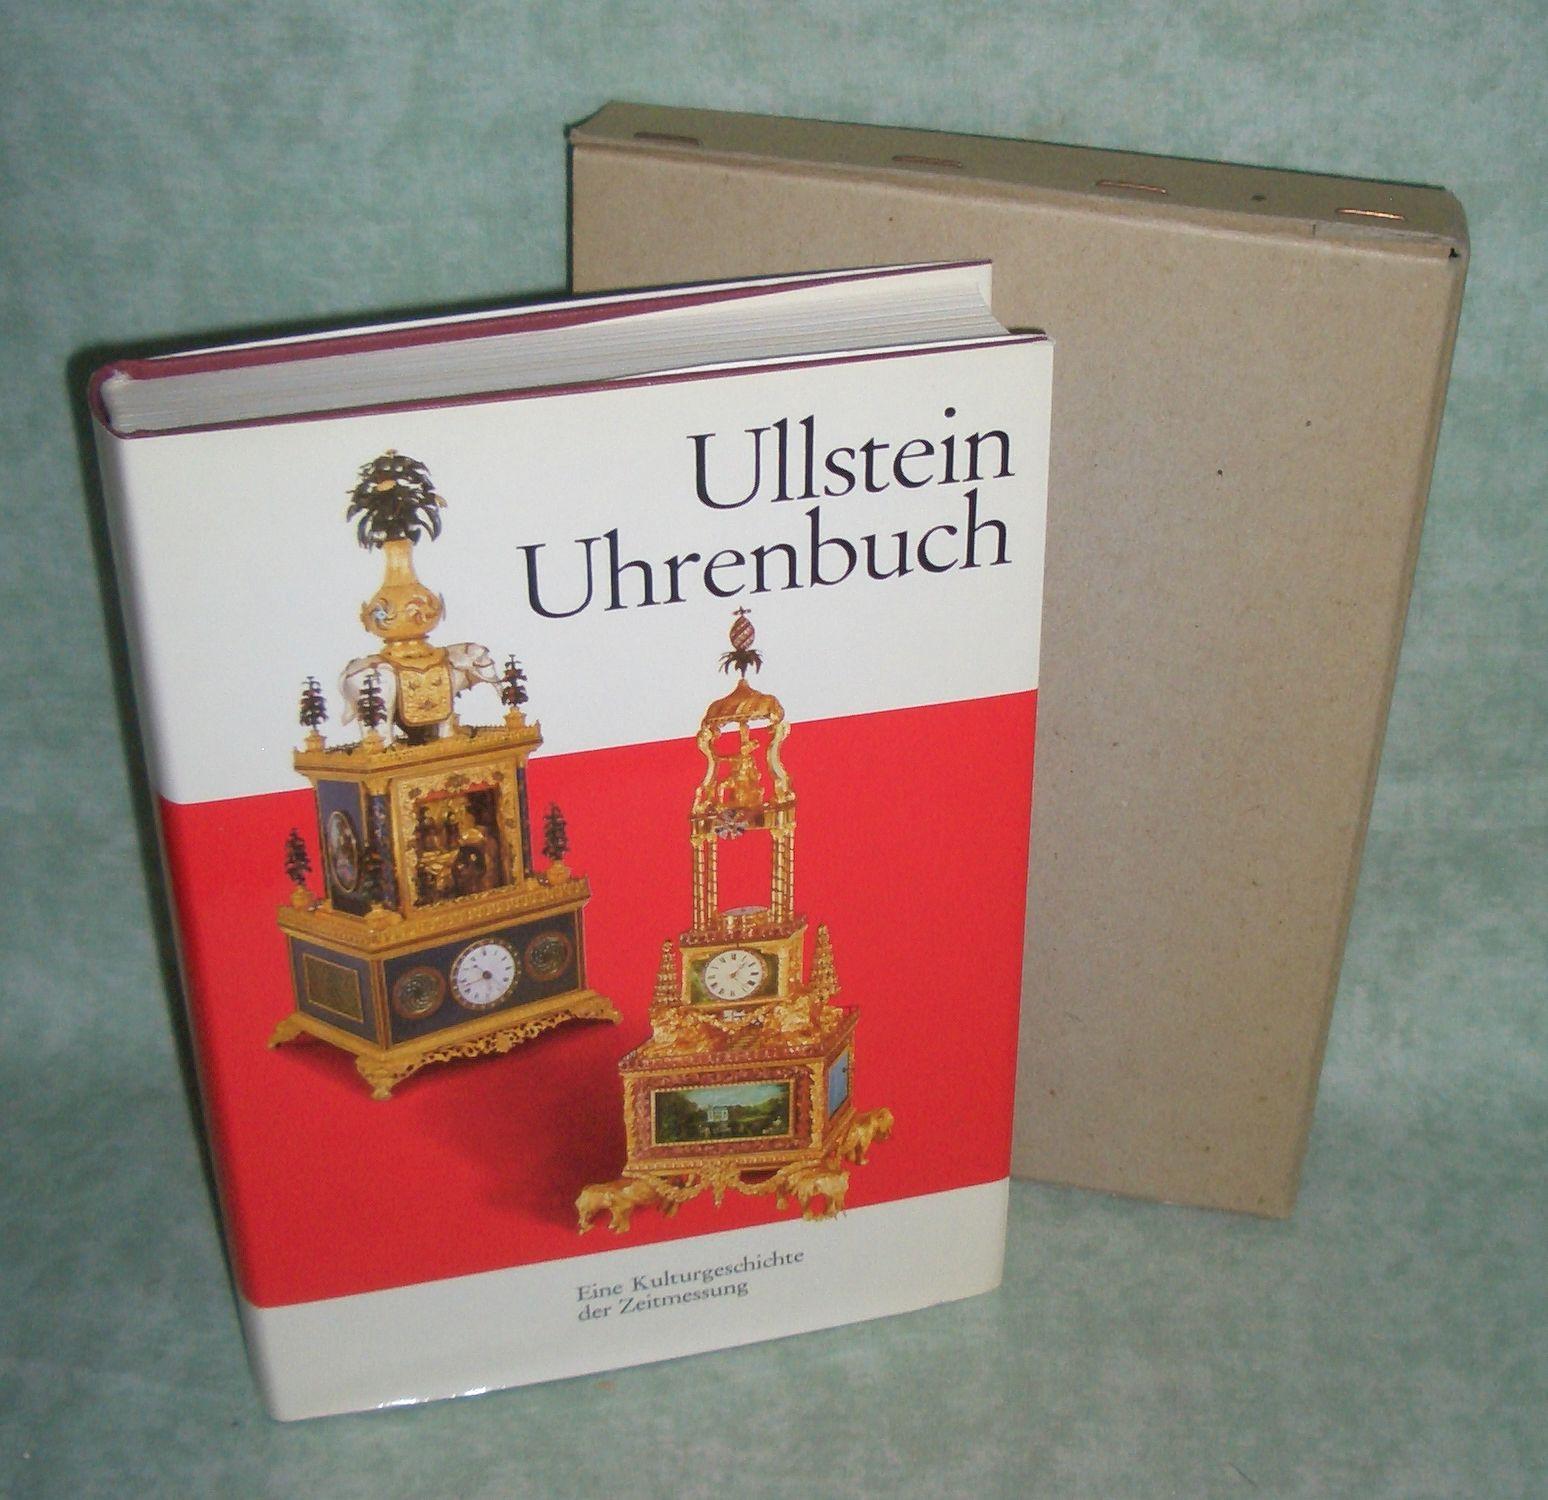 ullstein uhrenbuch